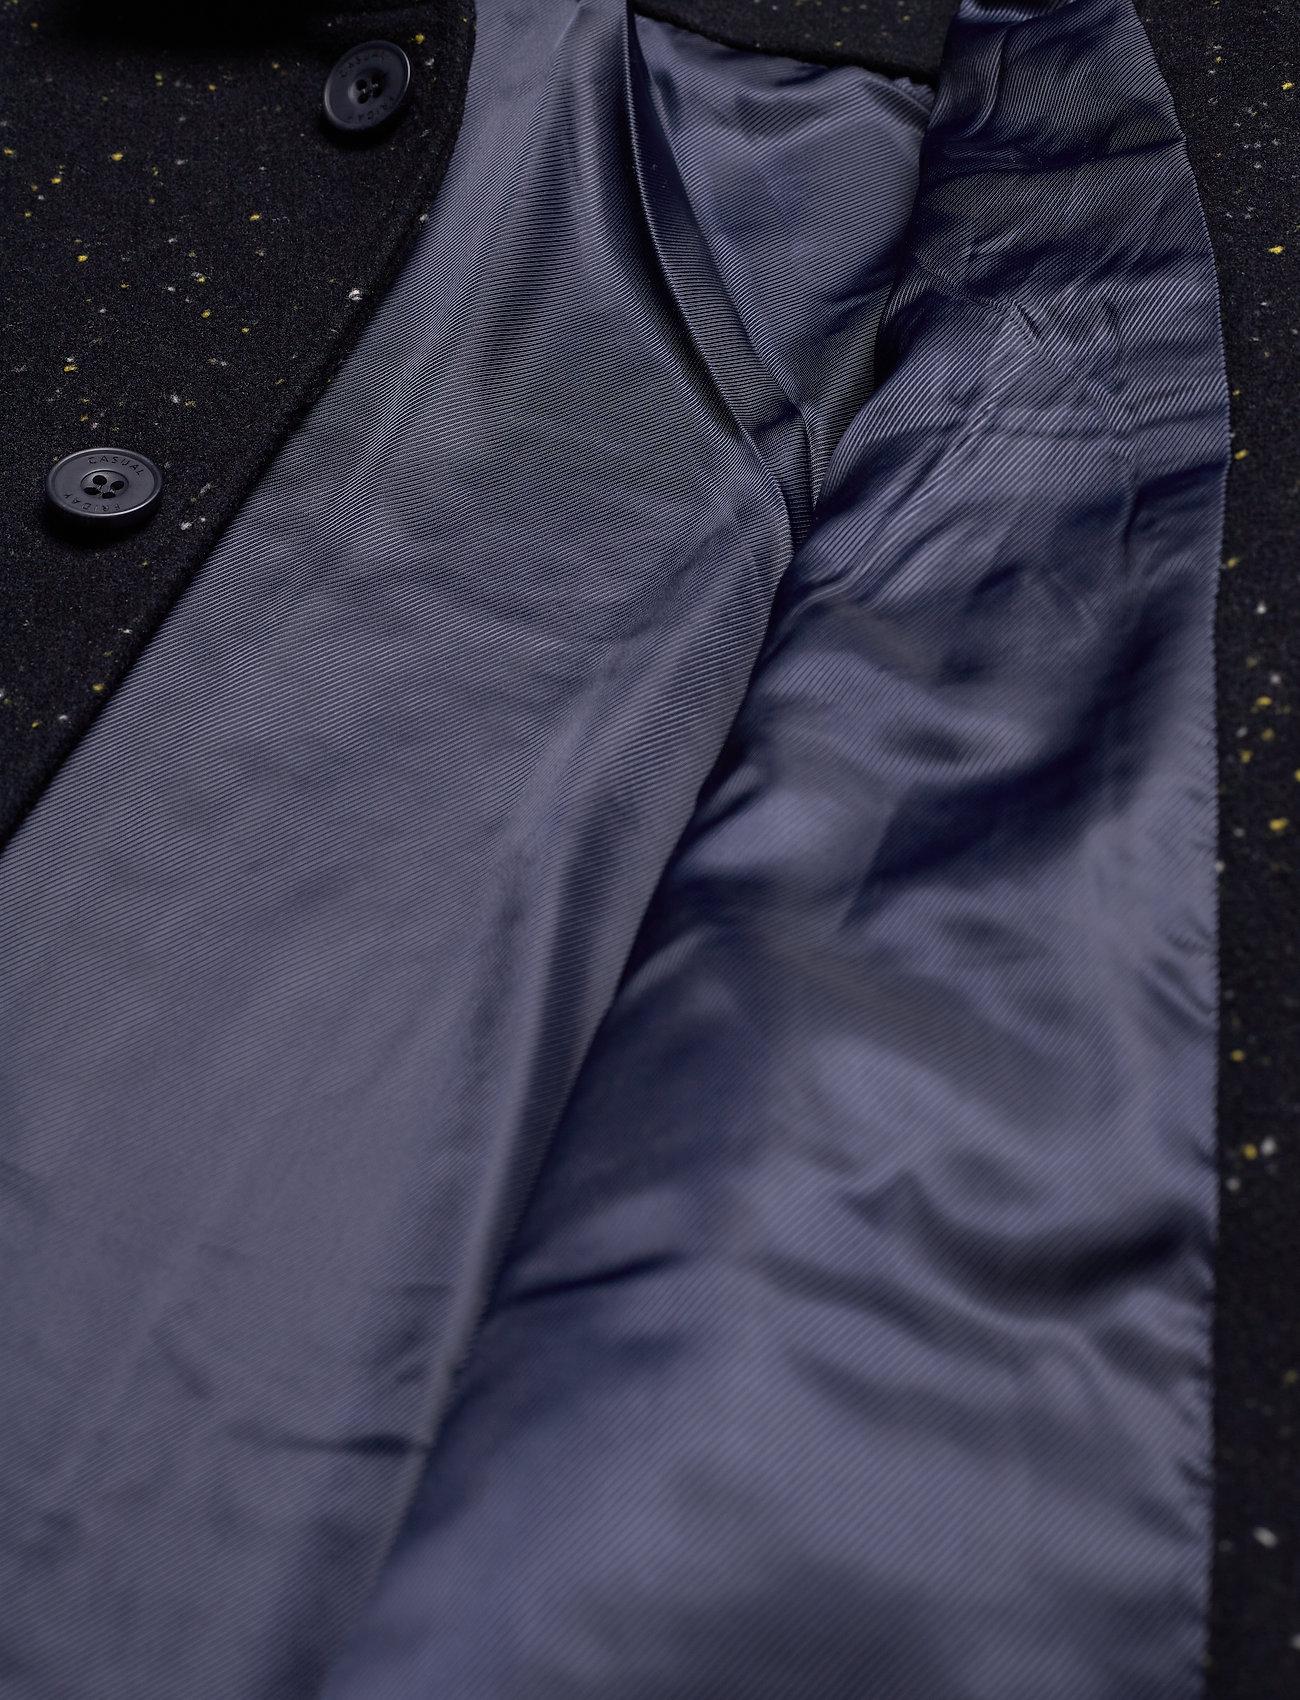 Casual Friday Jalte nepyarn jacket Nep yarn wool - Jakker og frakker NAVY BLAZER - Menn Klær